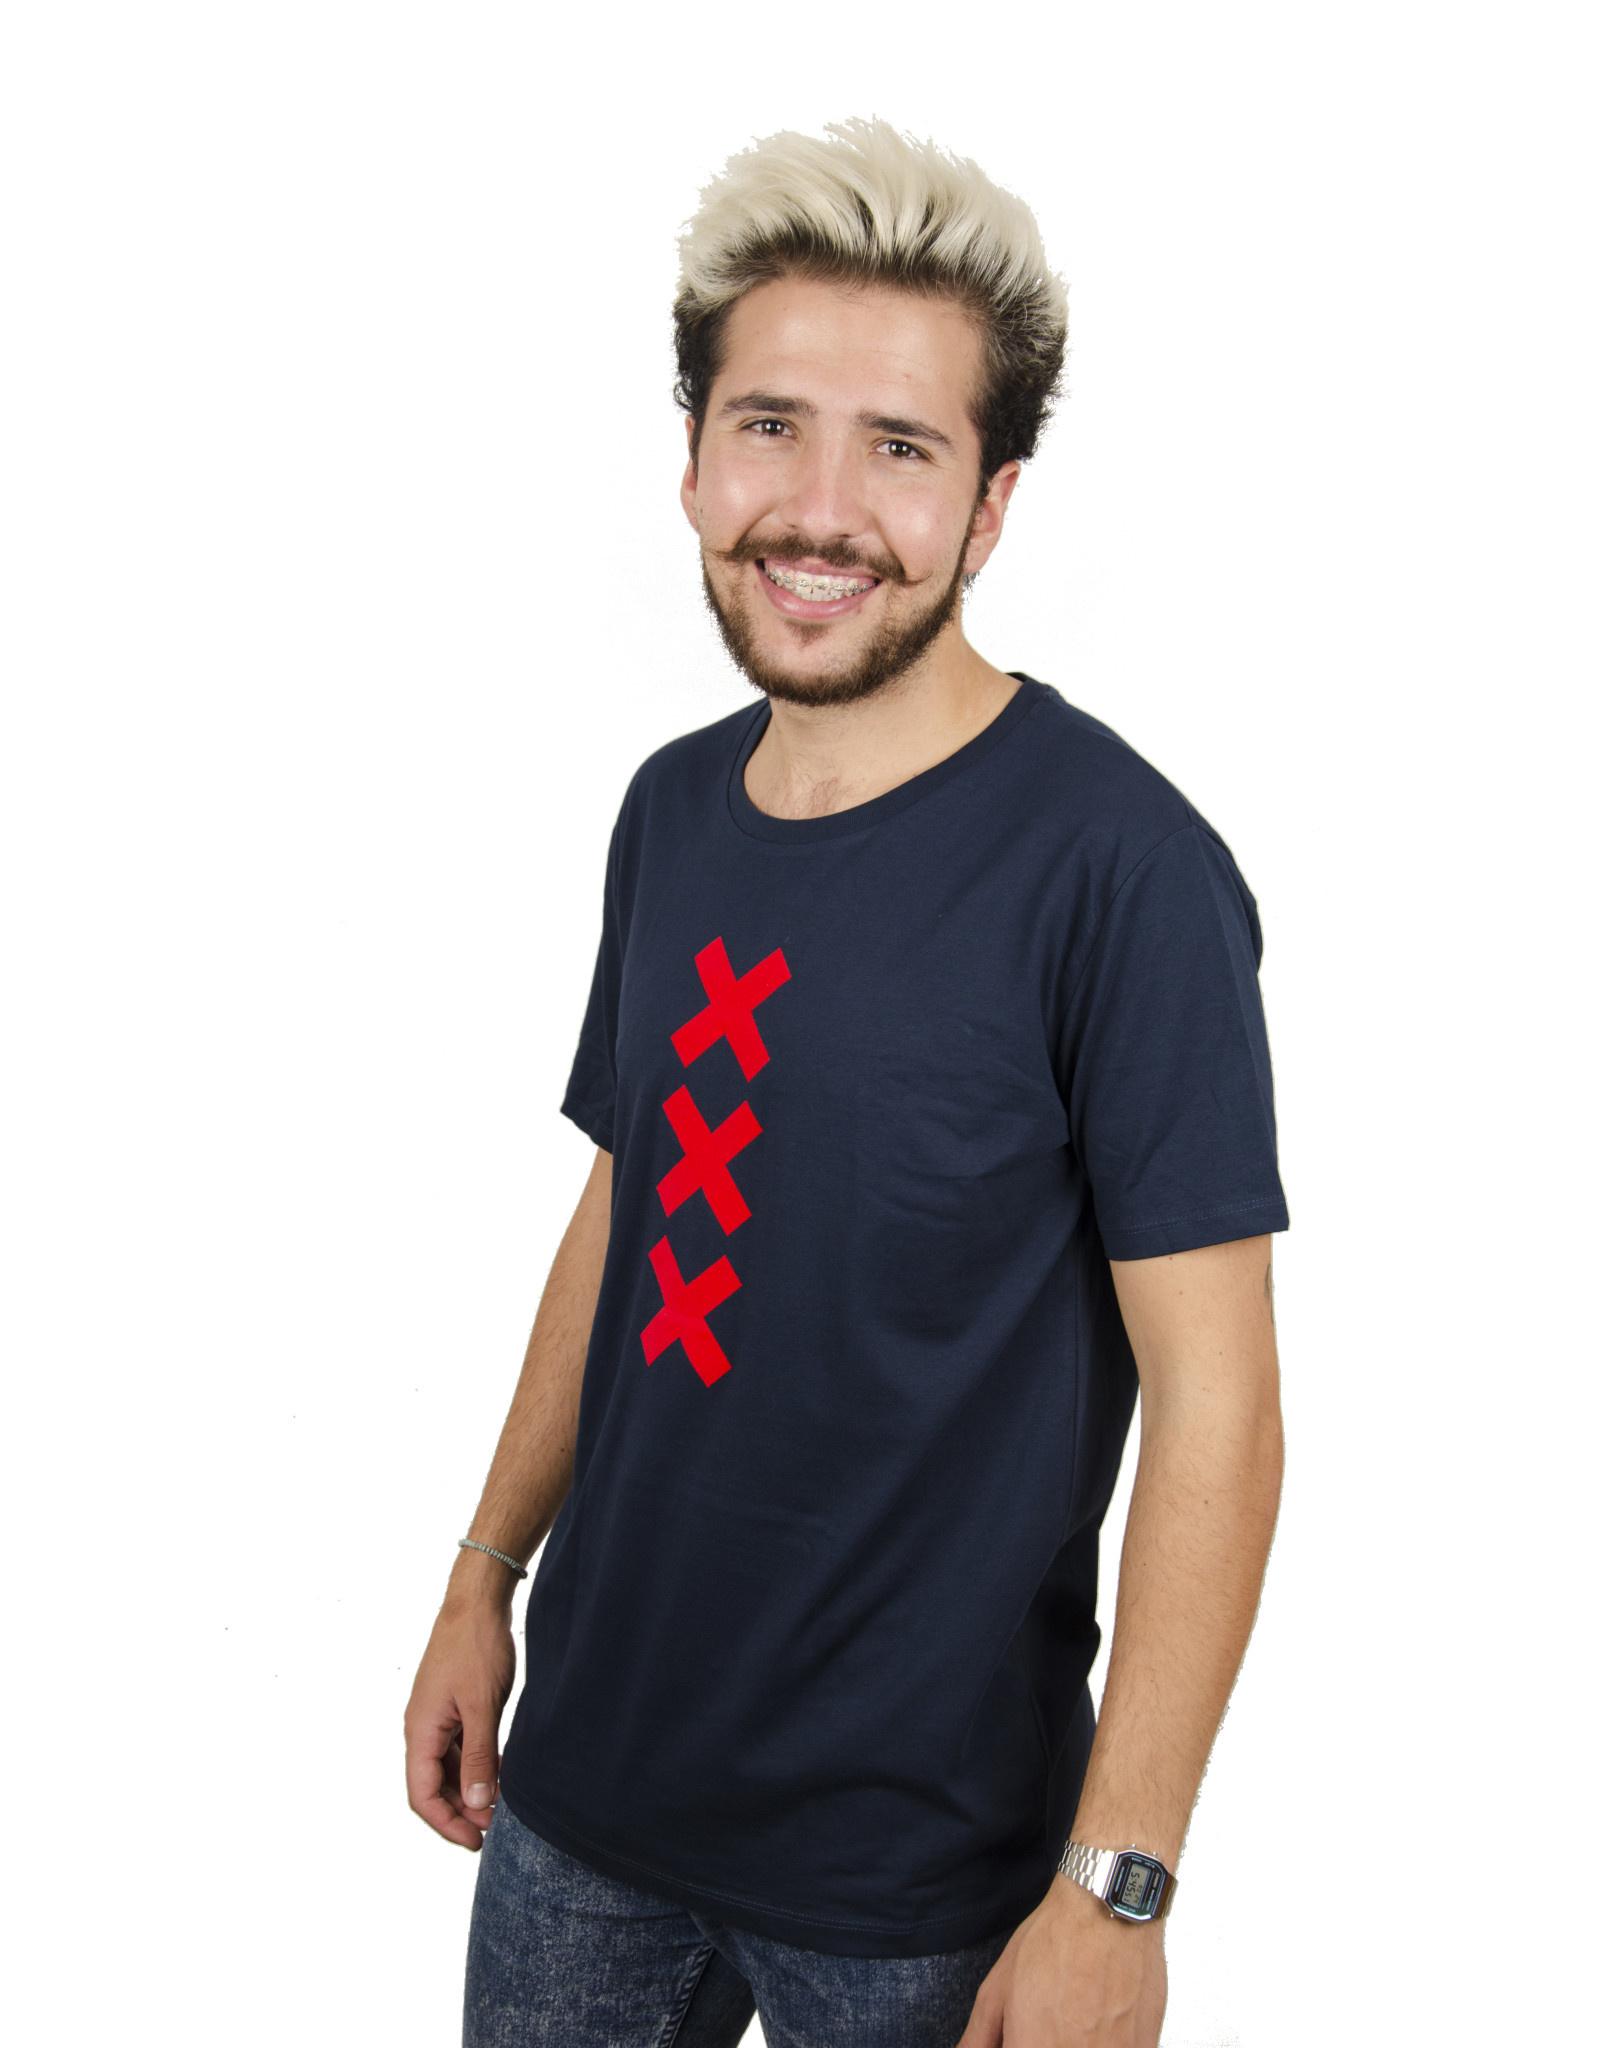 XXX T-shirt - Navy/Red Suede